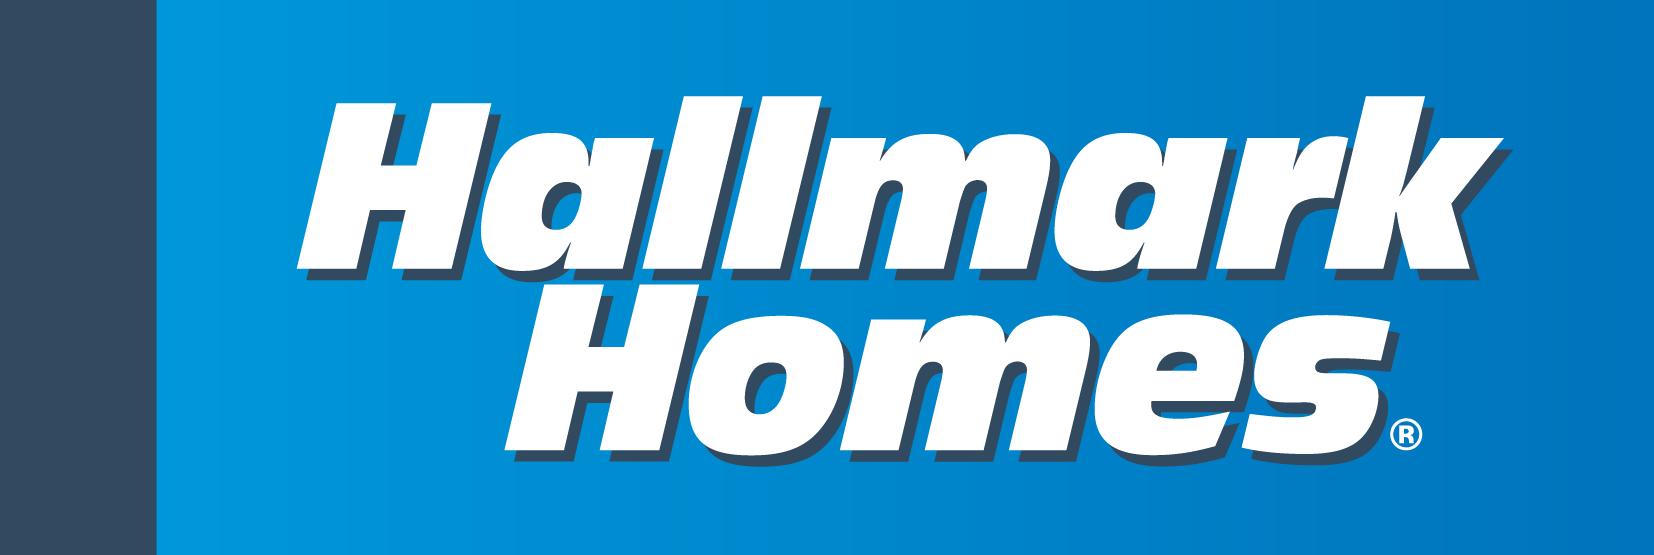 Hallmark Homes Reviews - ProductReview.com.au